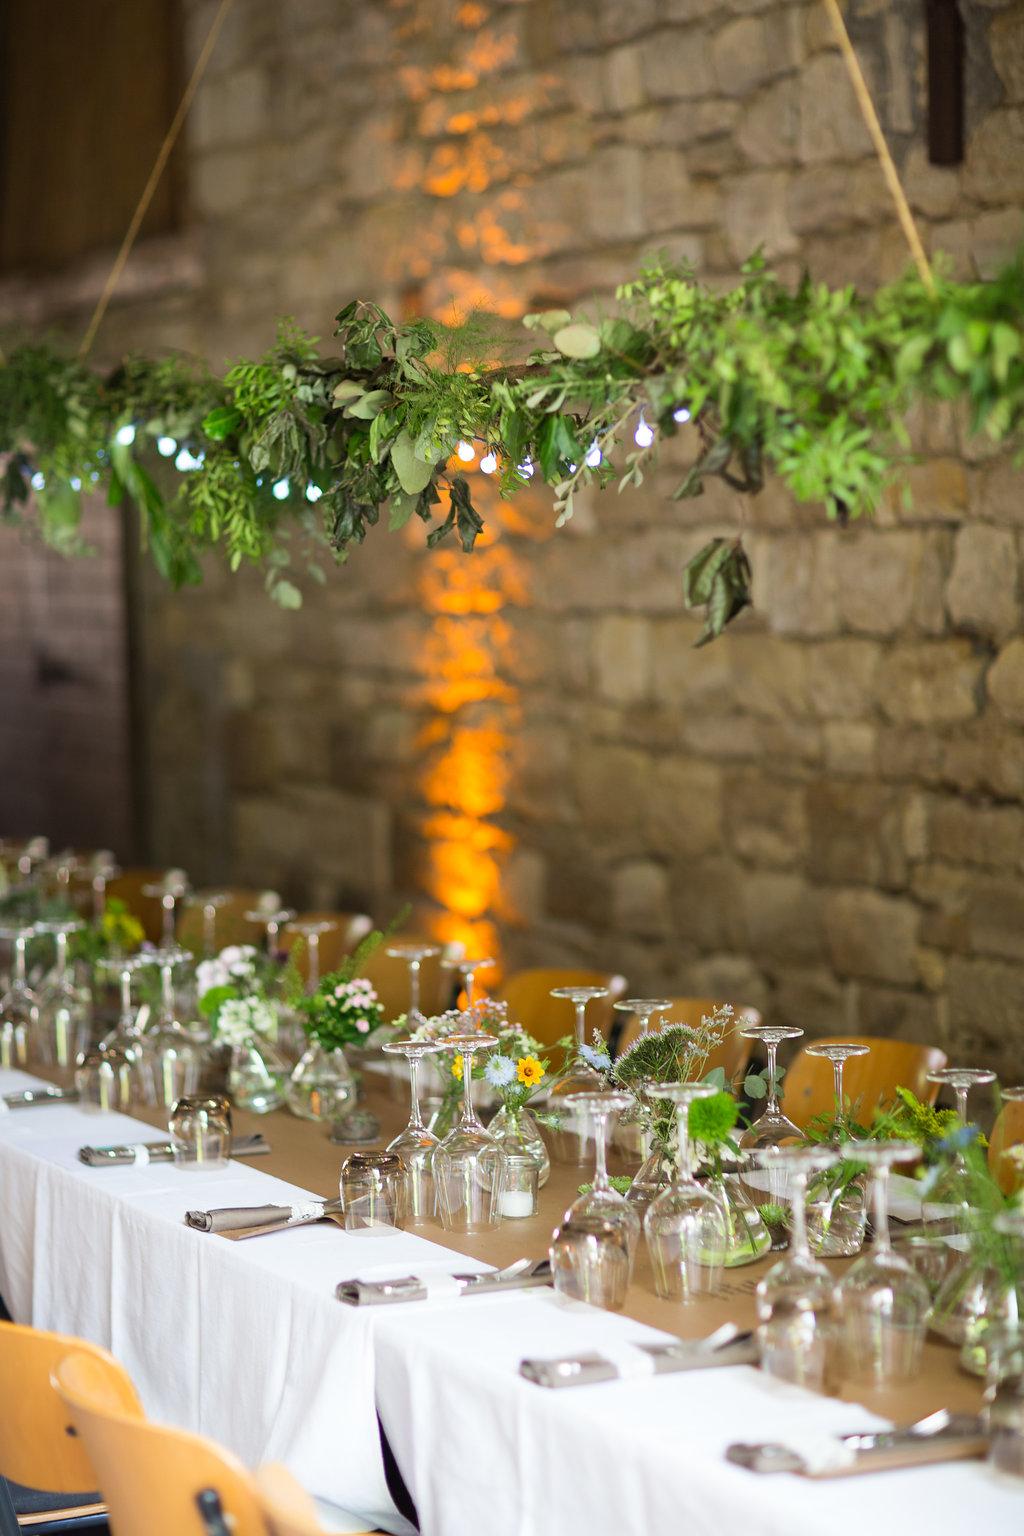 Hochzeit Tischdeko Greenery, Gartenhochzeit grüne Deko, grüne Tischdeko Hochzeit